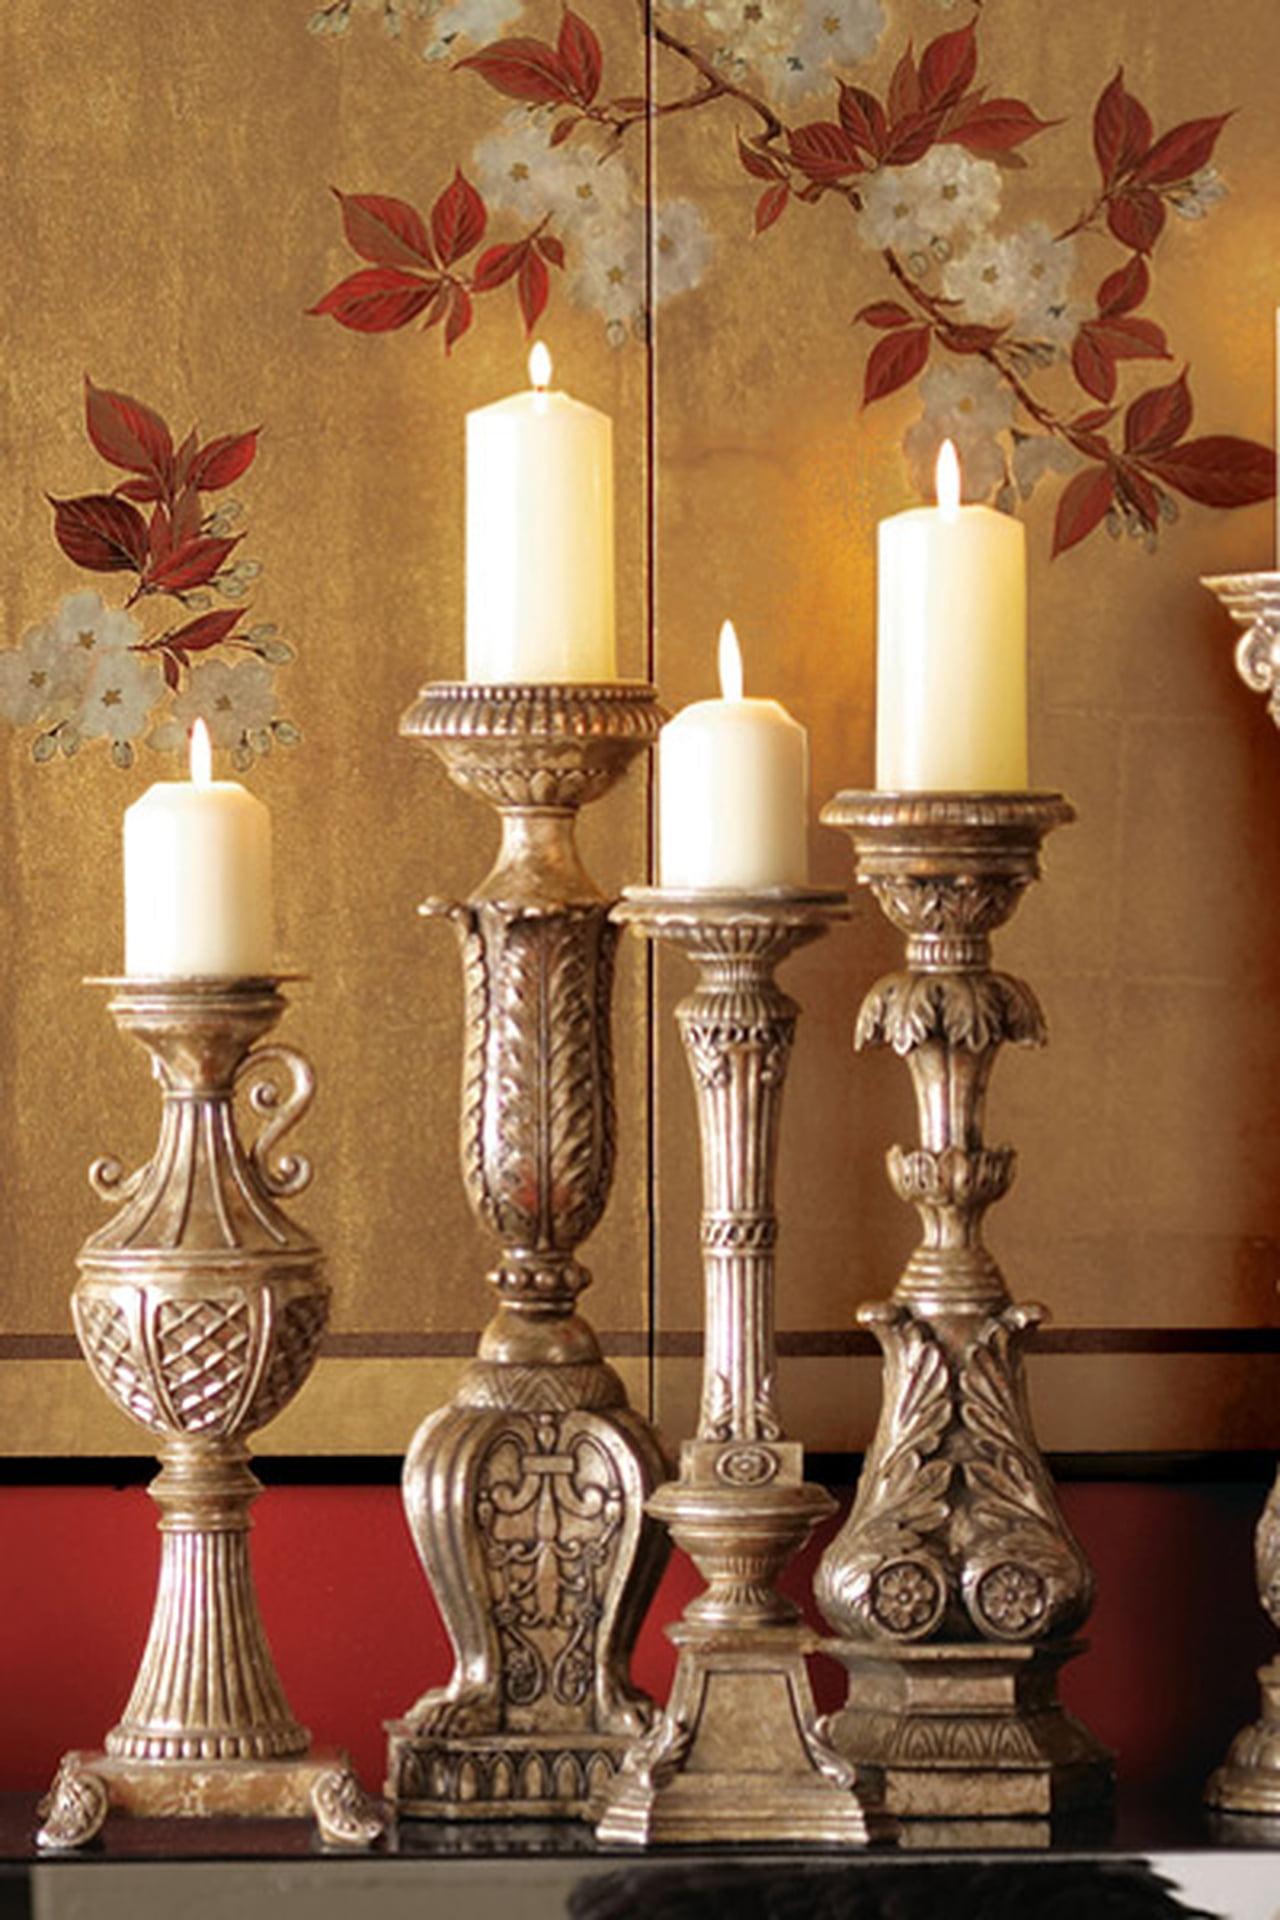 أجمل تصاميم حاملات الشموع الأنيقة والساحرة 788056